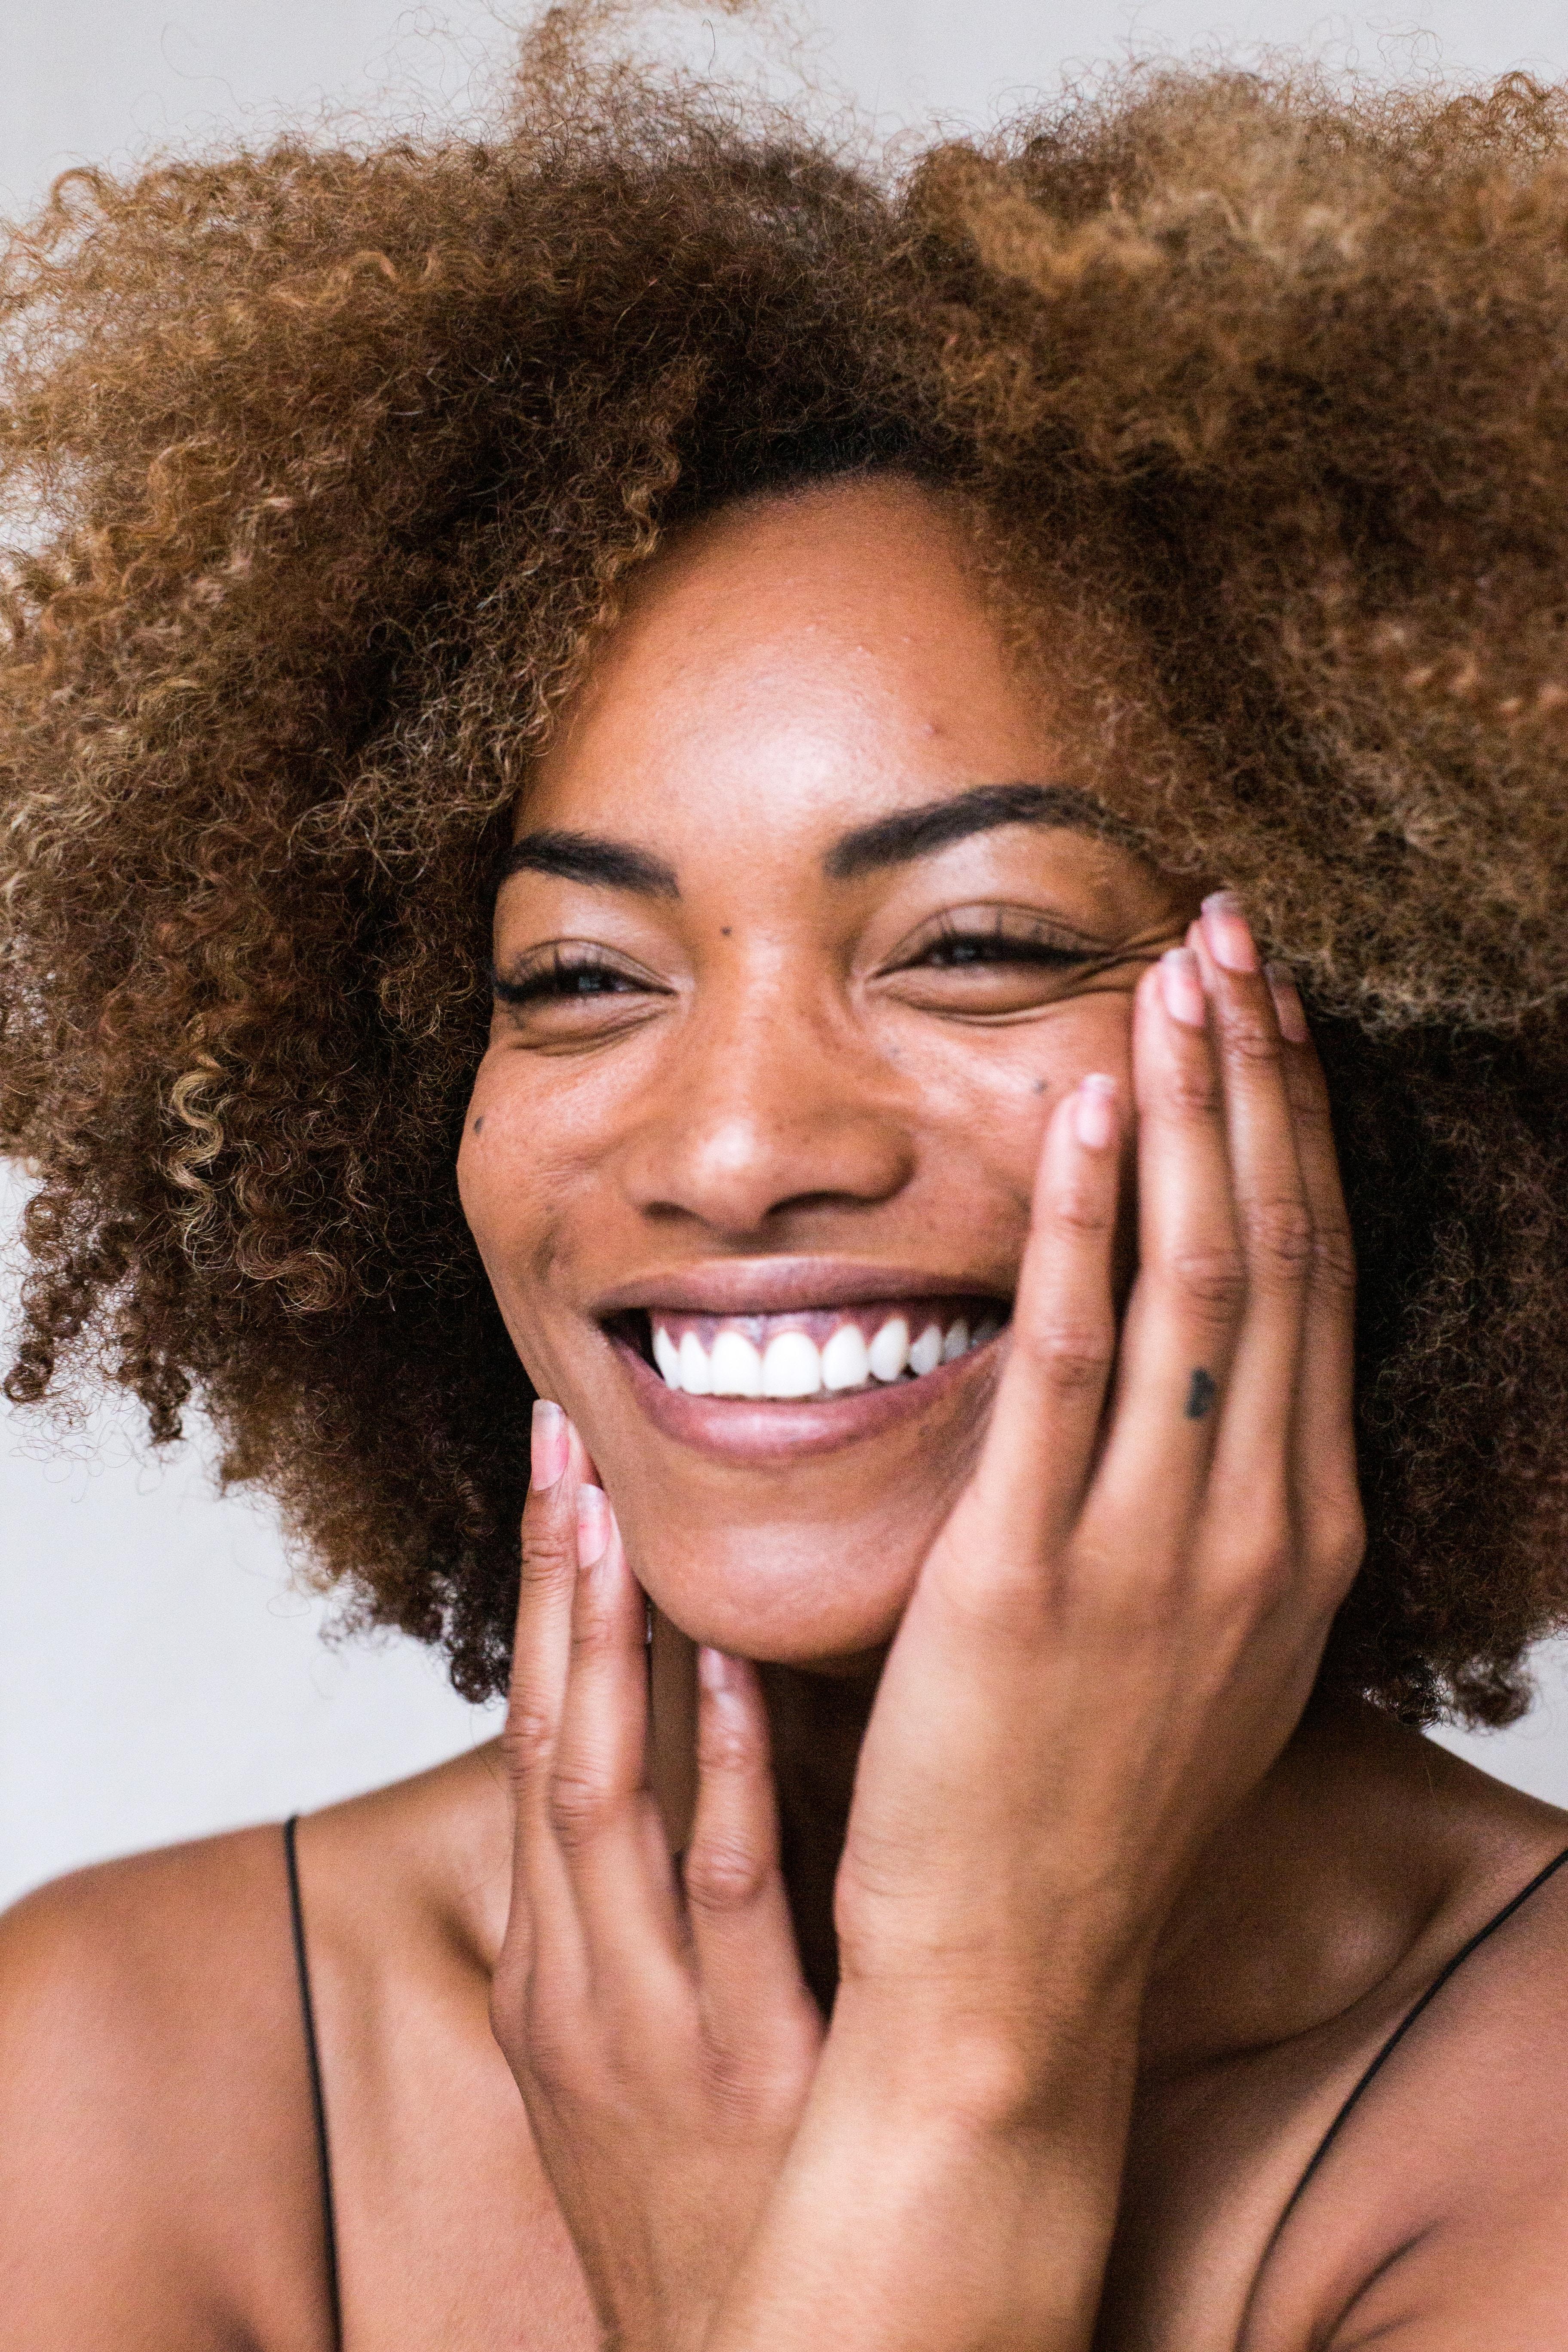 Healthy Skin Care Products: पुरुषों की त्वचा के लिए सबसे बेस्ट हैं ये Skin Care Products